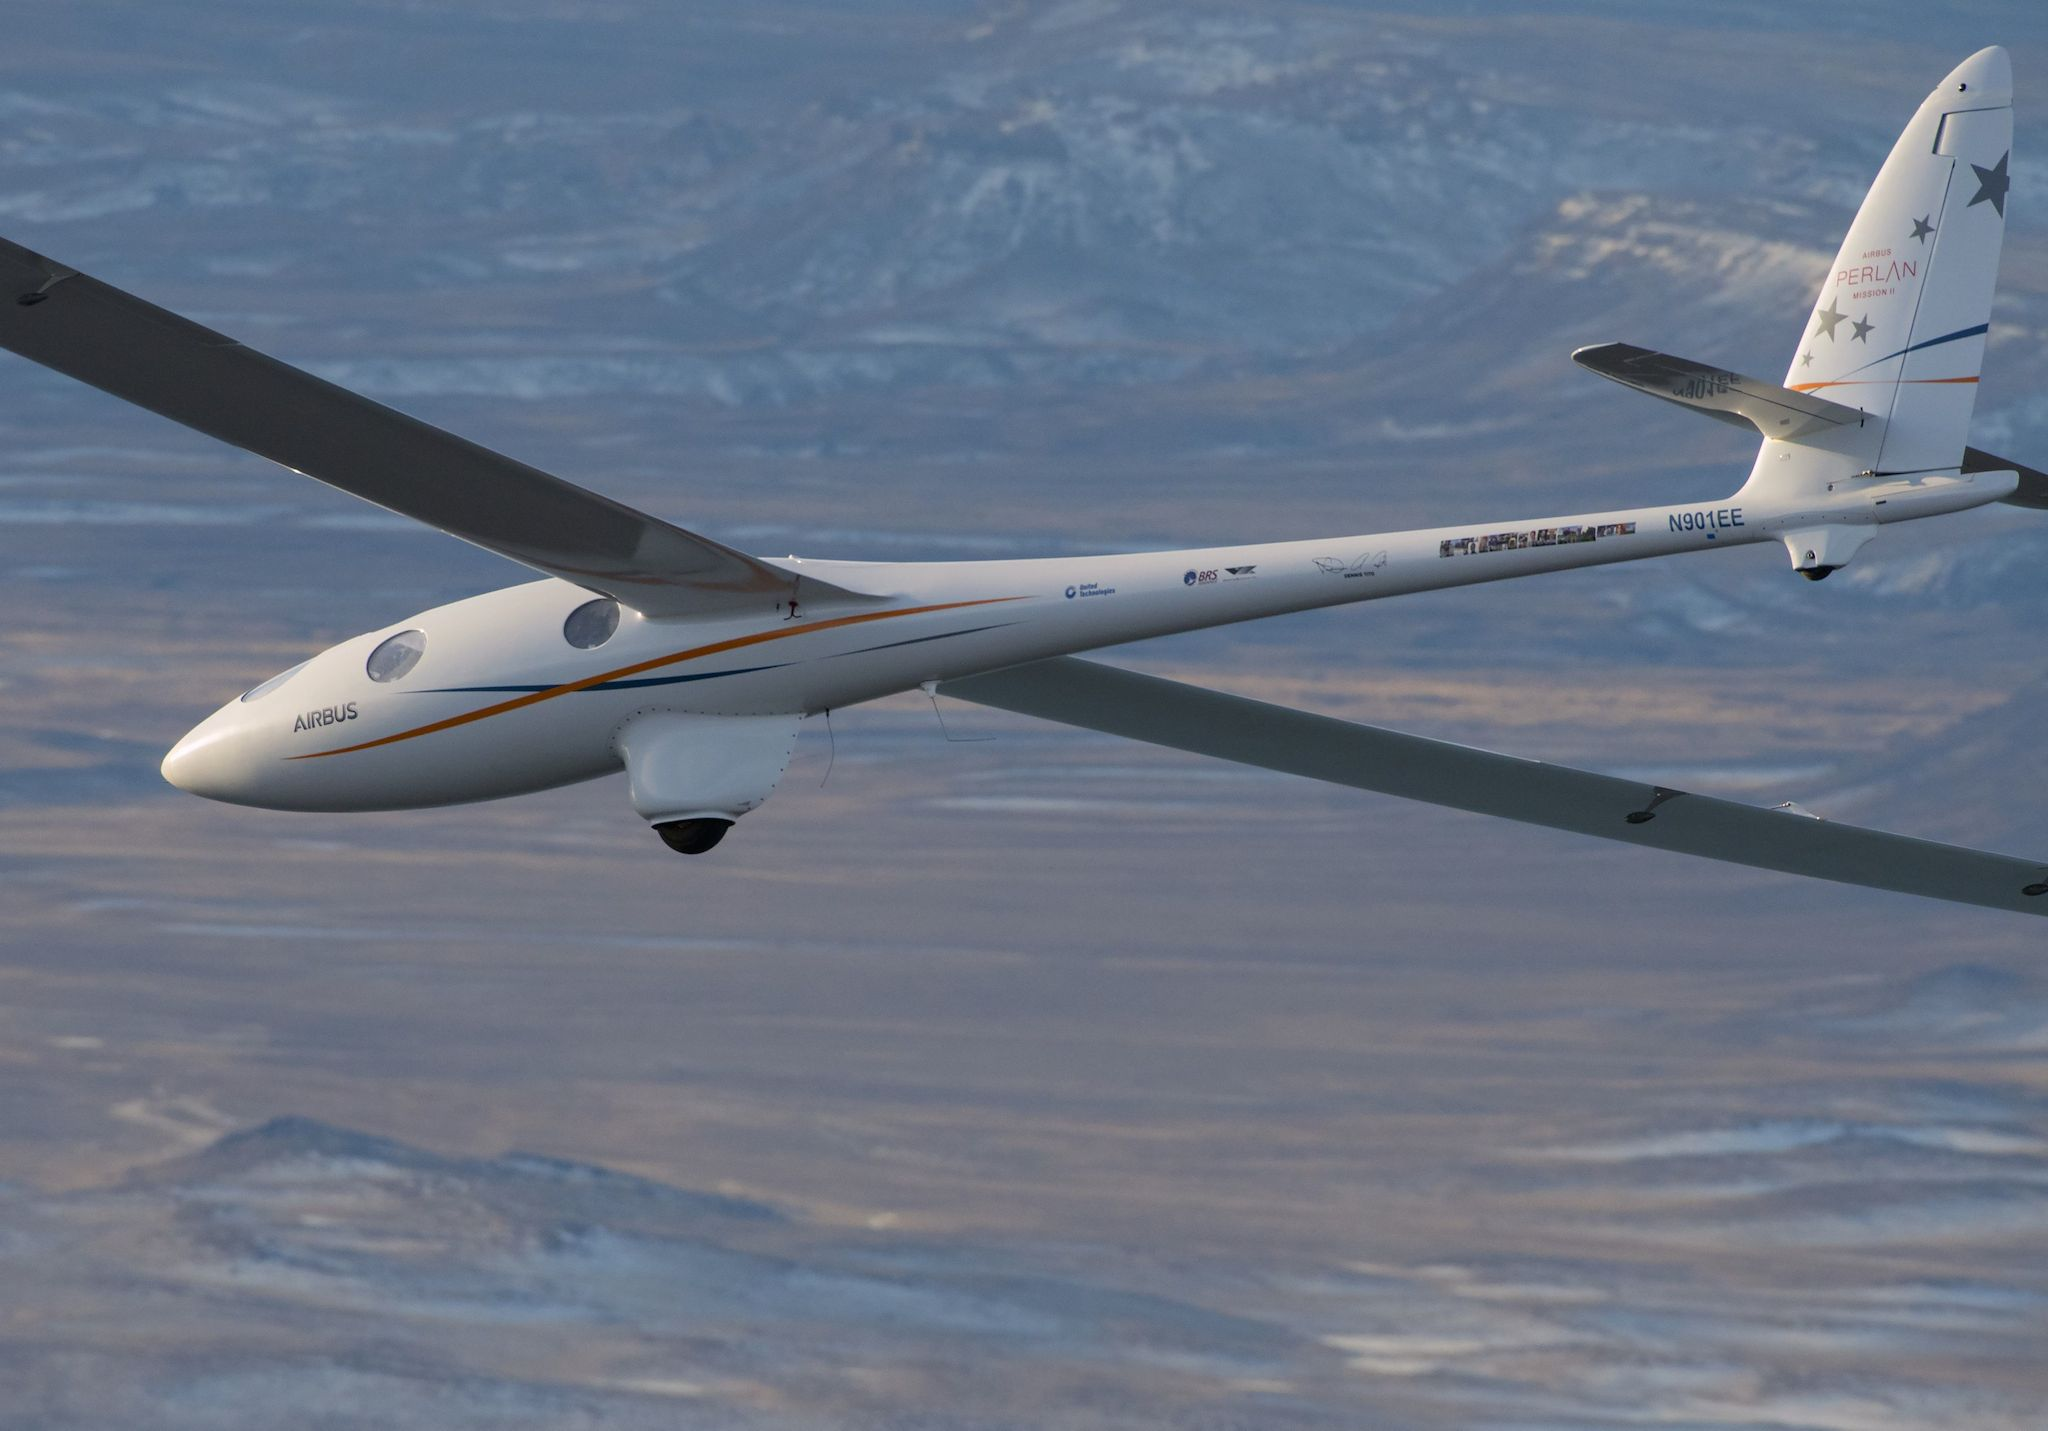 Planeur stratosphérique Perlan Mission II